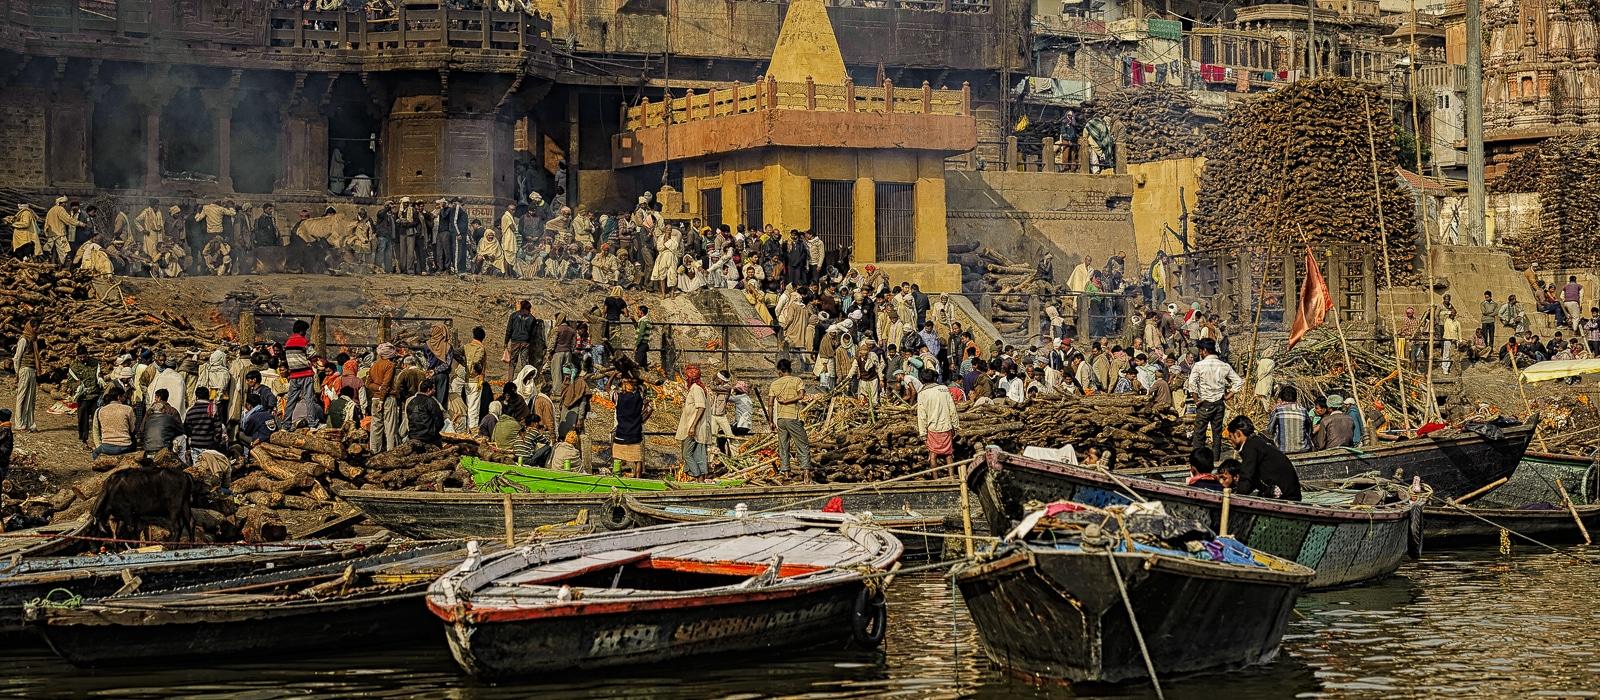 img-diapo-entete - Rajasthan-1600x700-15.jpg